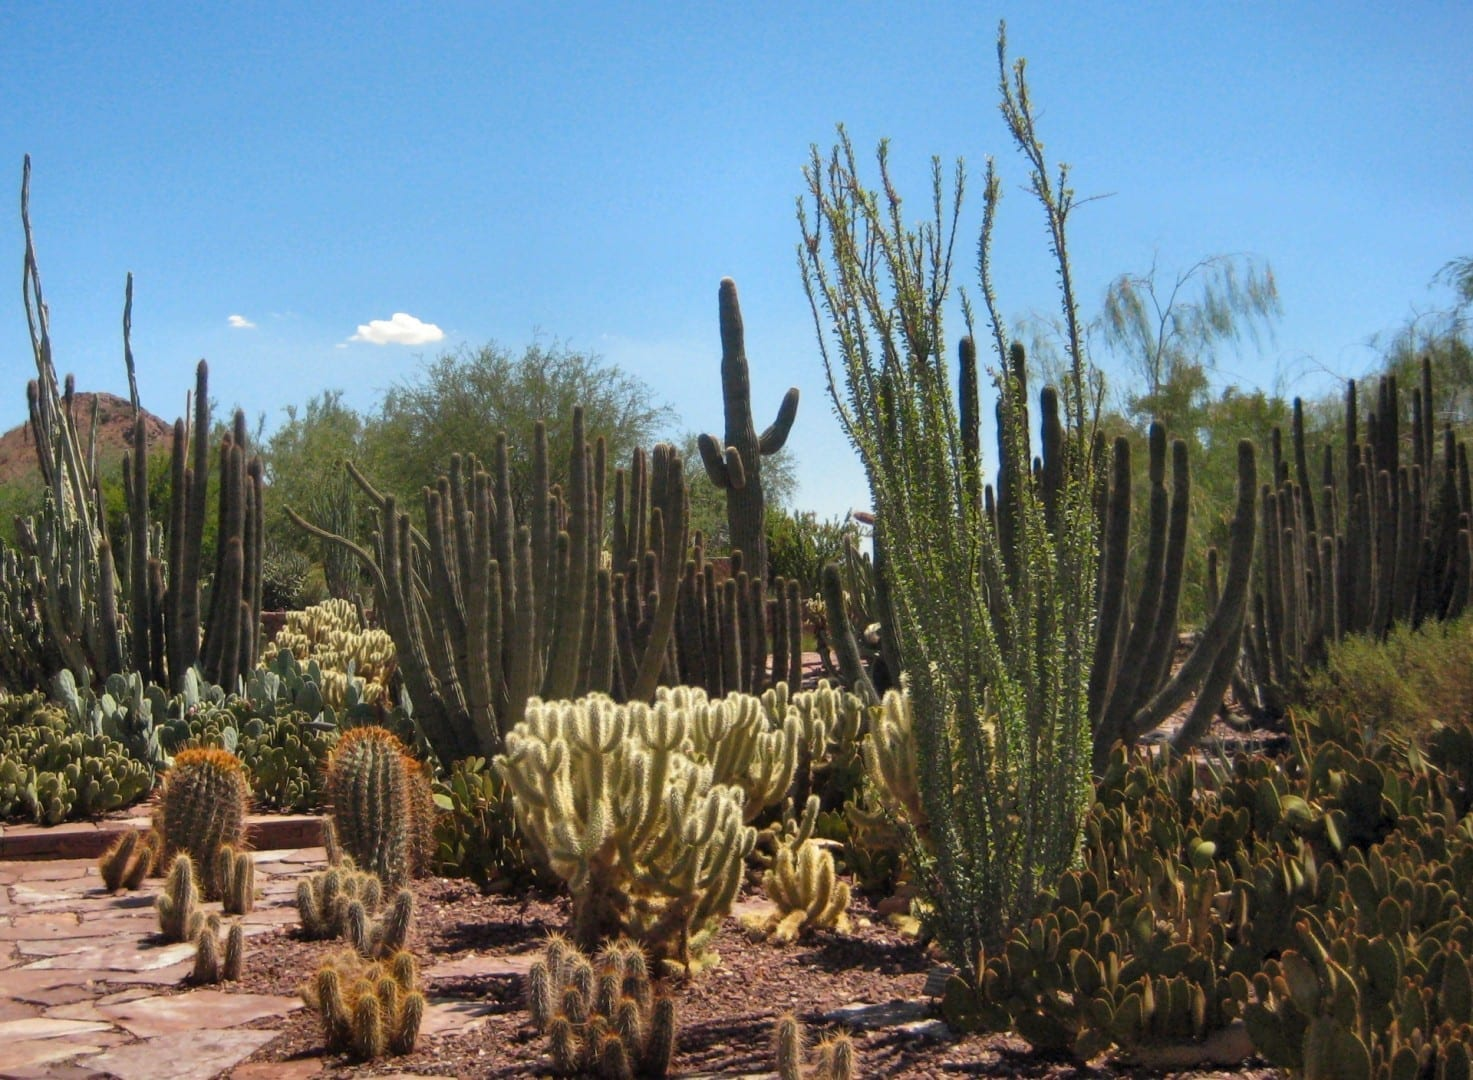 Jardines Botánicos del Desierto Phoenix AZ Estados Unidos